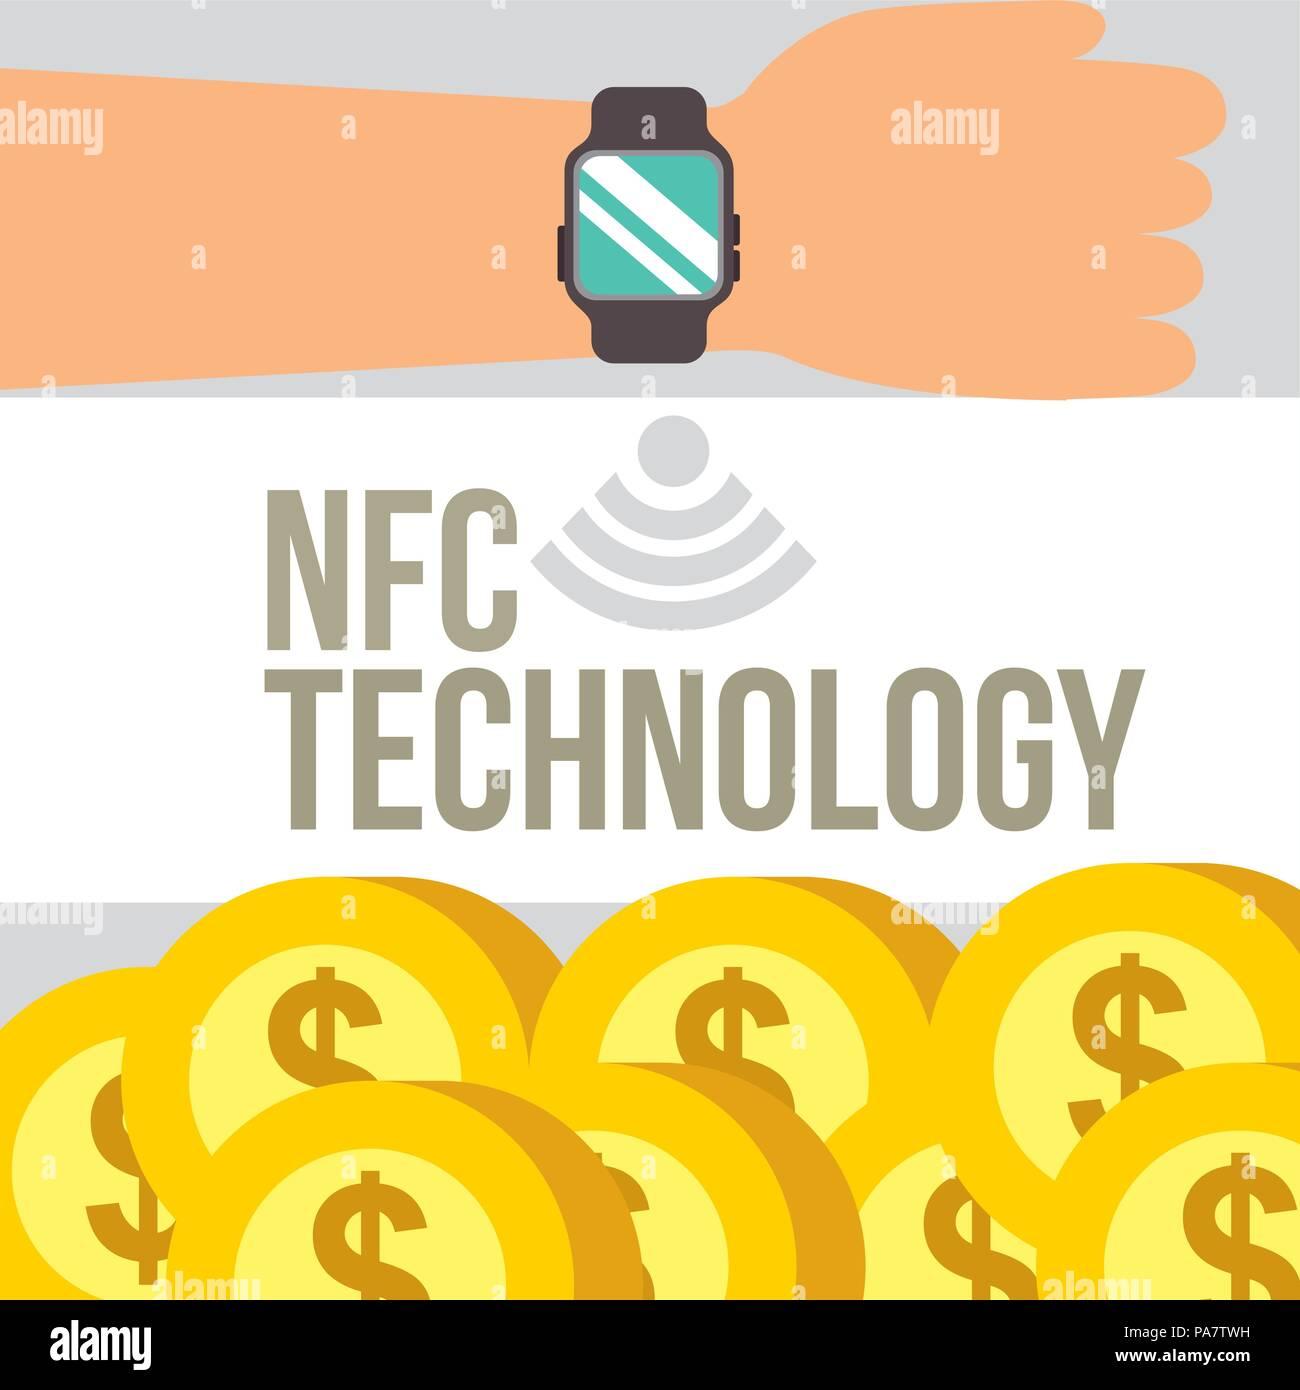 8aa7020ec89e Tecnología de pago NFC mano con reloj de pulsera muchas monedas ilustración  vectorial de fondo